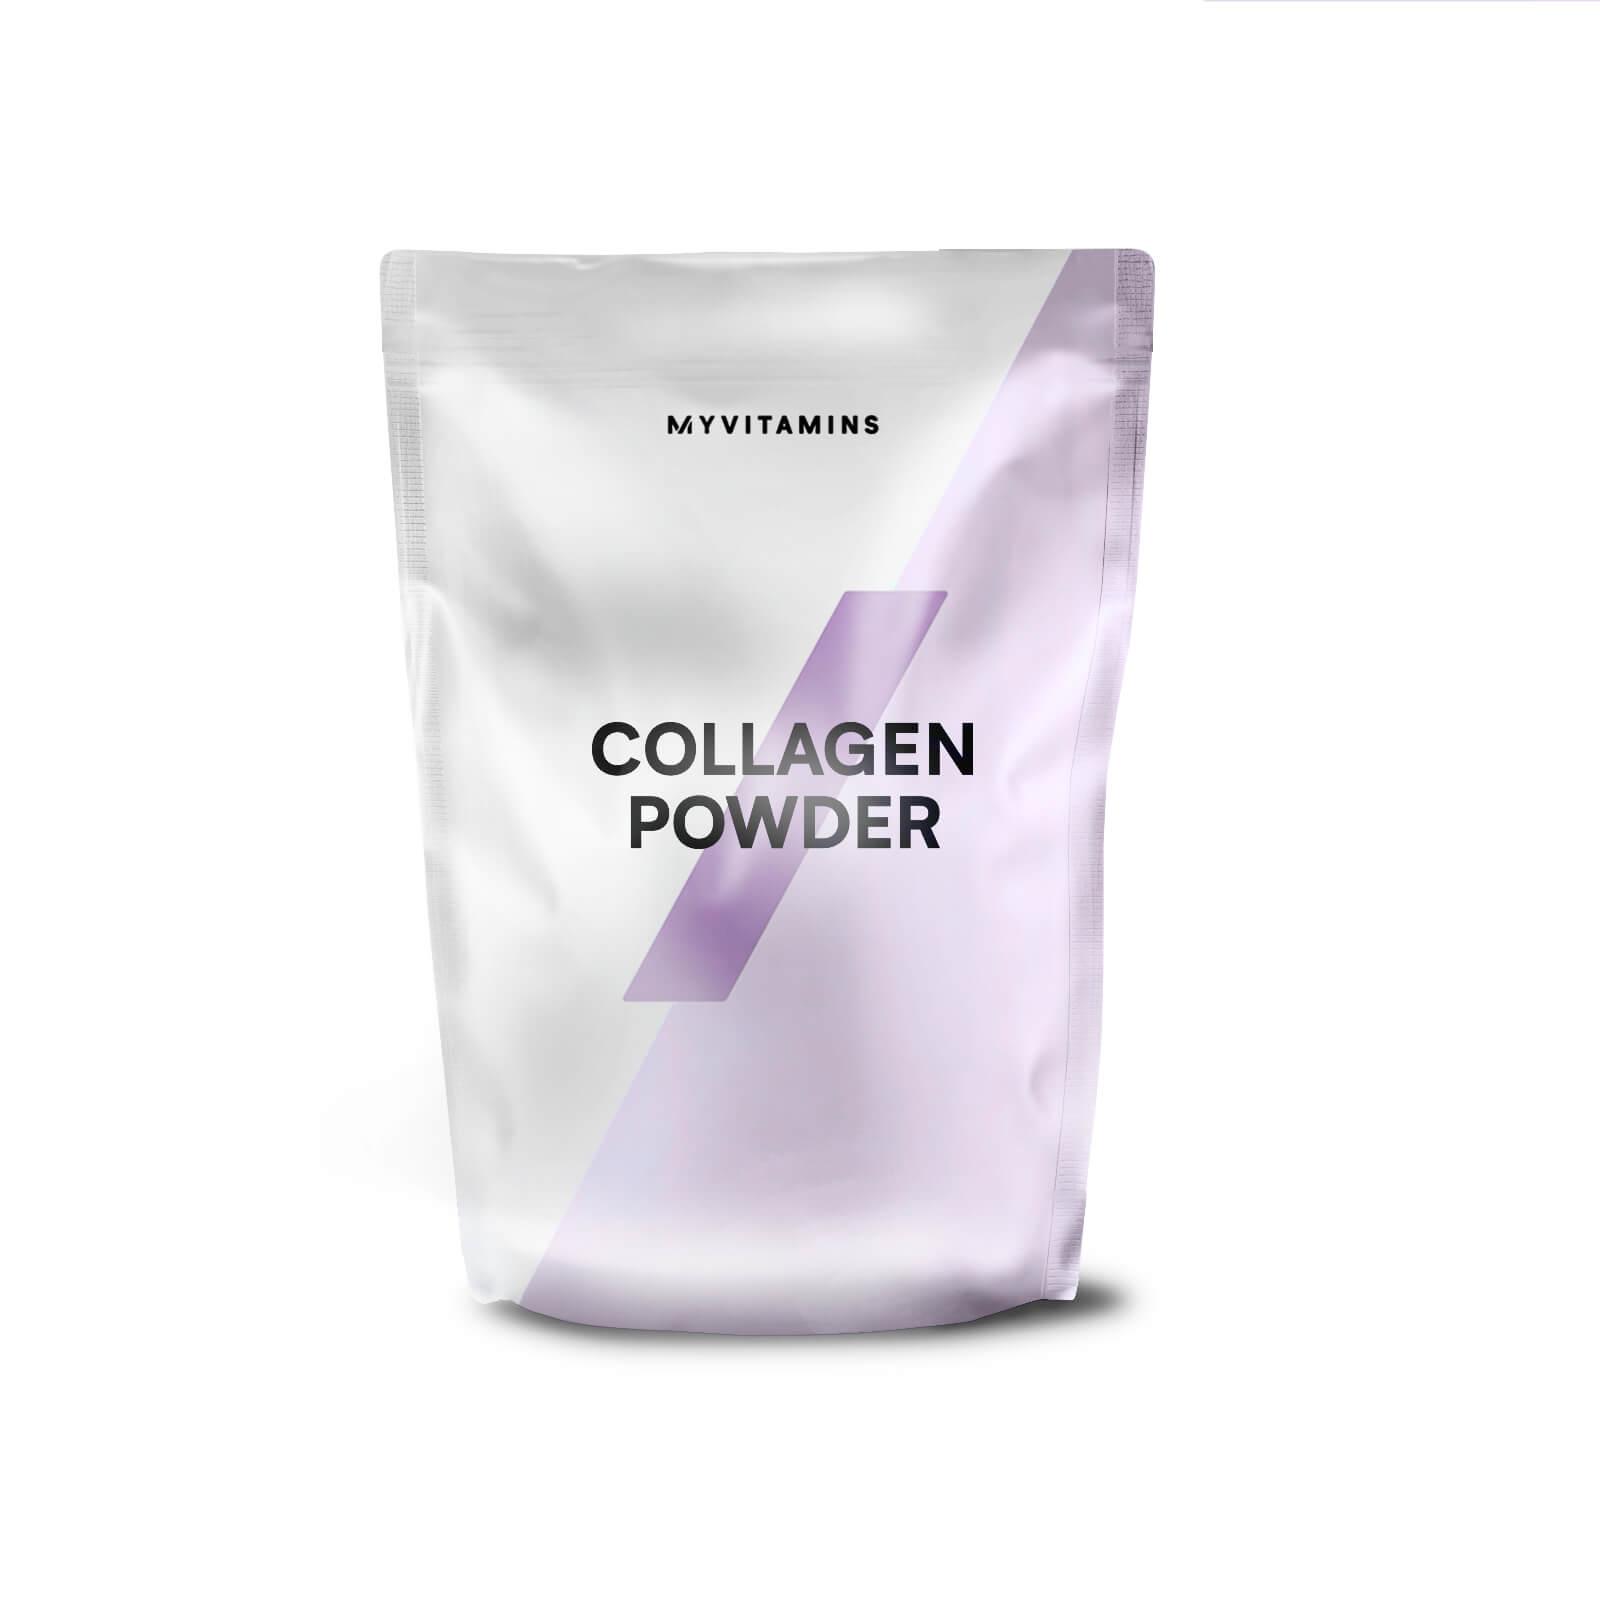 Myvitamins Collagen Powder - 1kg - Grape